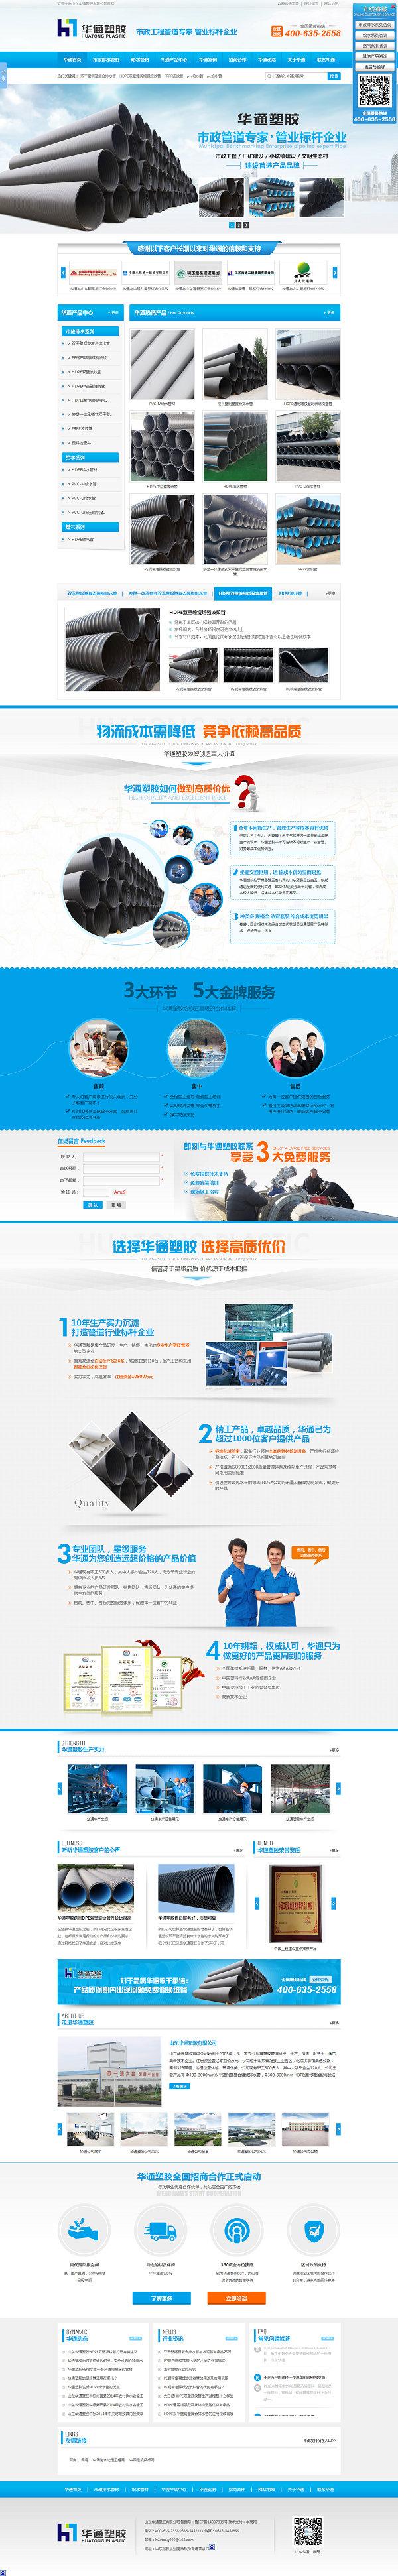 人员推销案例_山东华通塑胶营销型网站案例展示